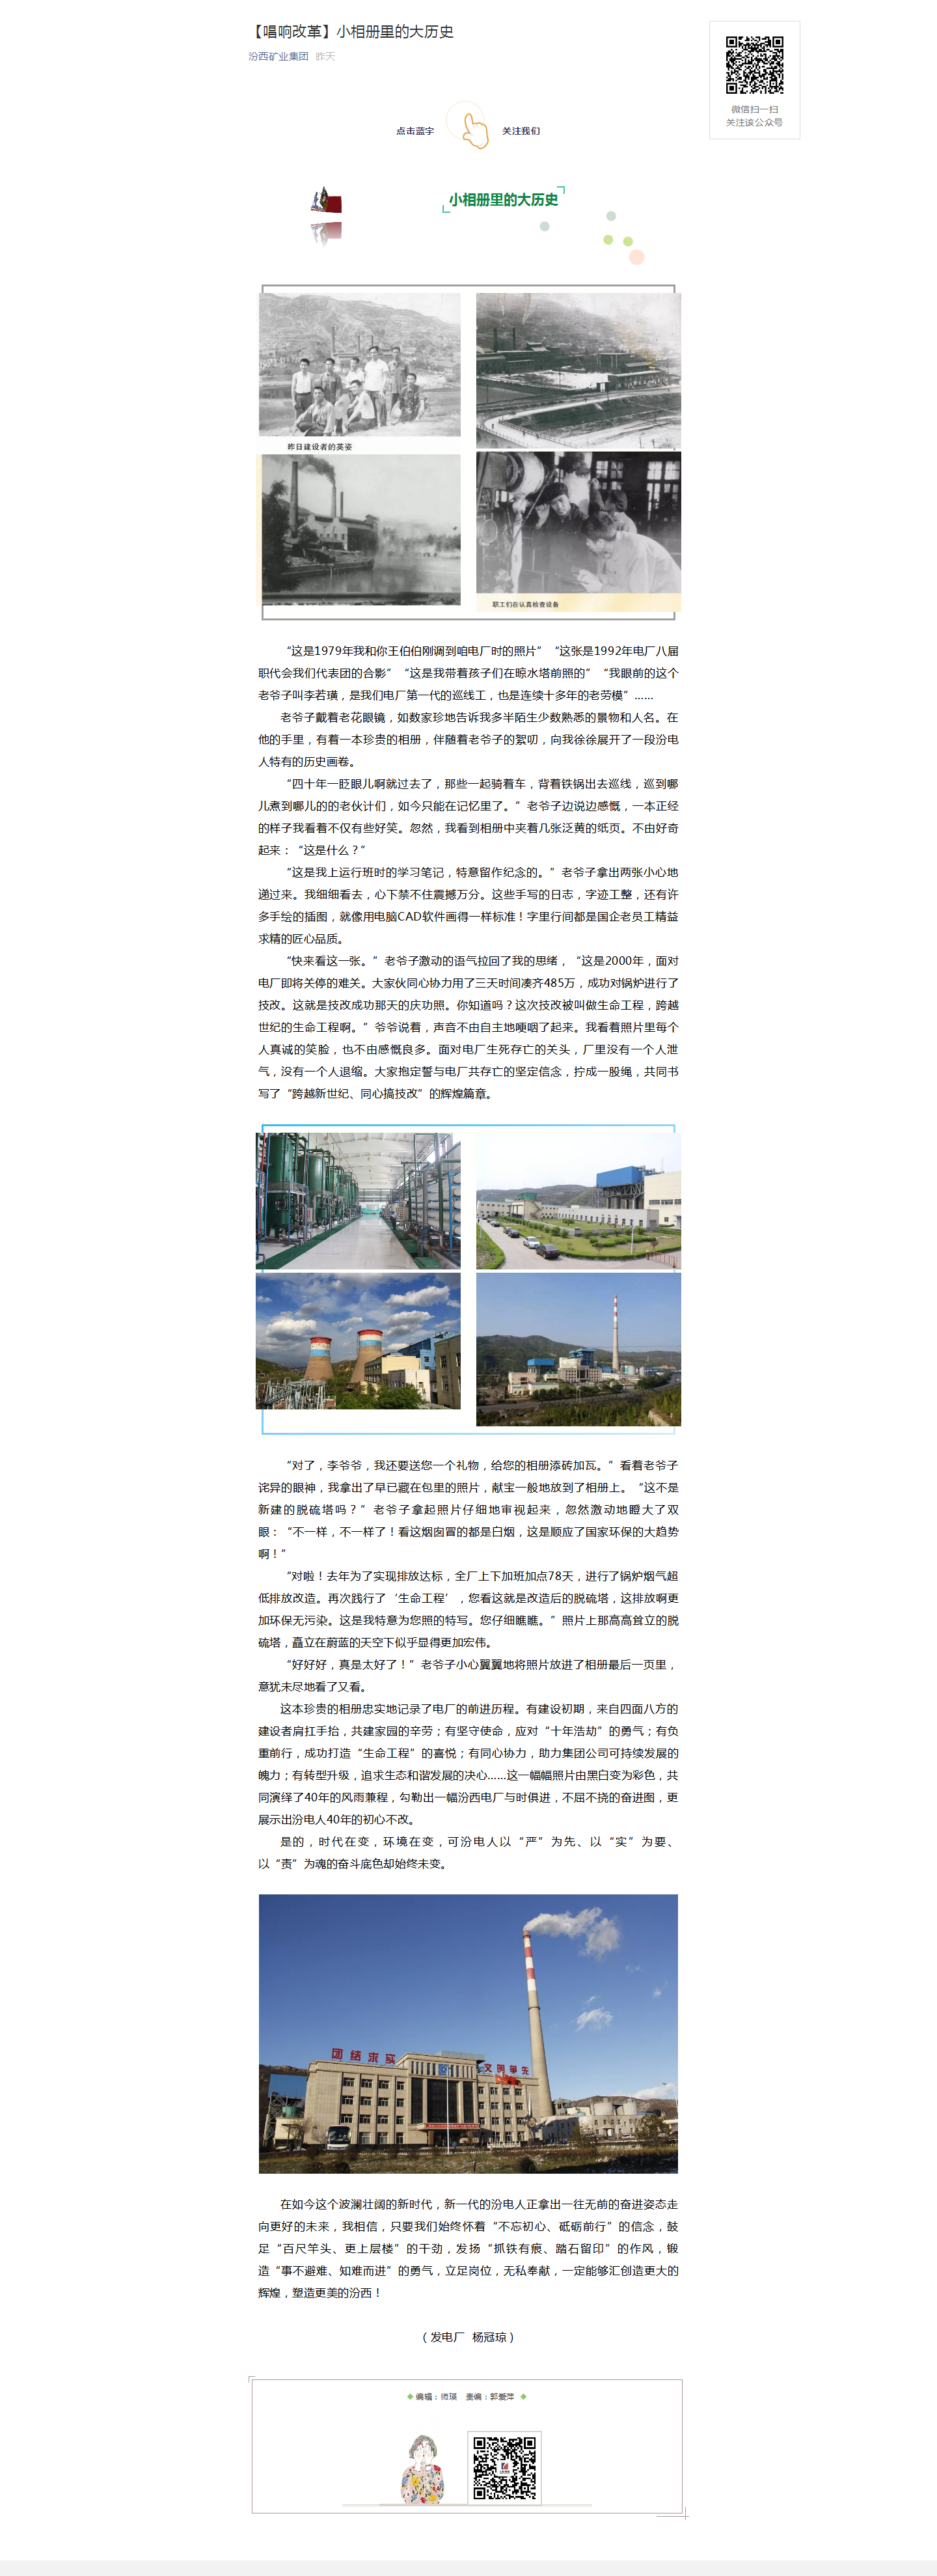 【唱响改革】小相册里的大历史.png